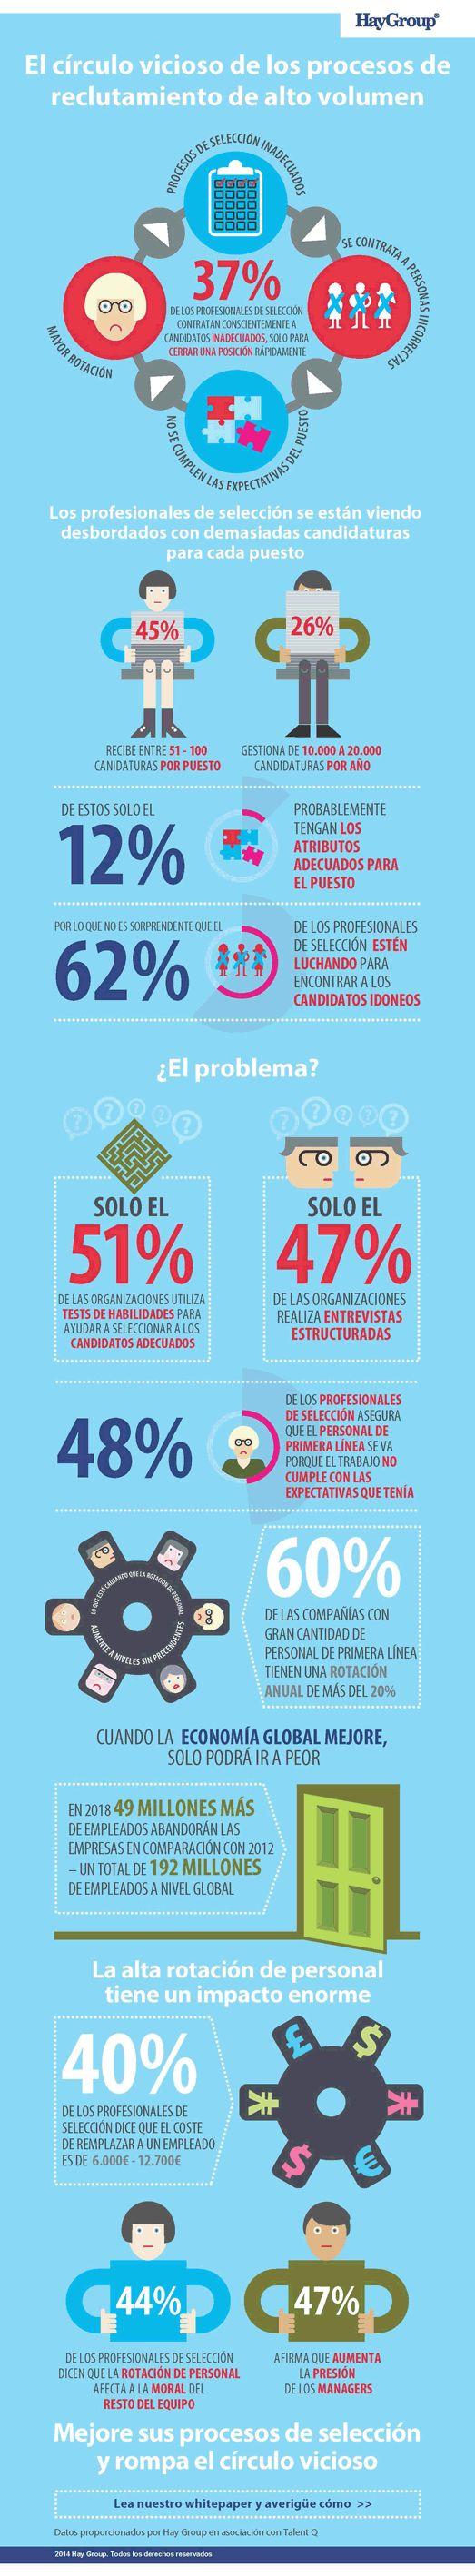 El círculo vicioso de los procesos de selección de alto volumen vía: @HayGroup_Spain #infografia #infographic #rrhh